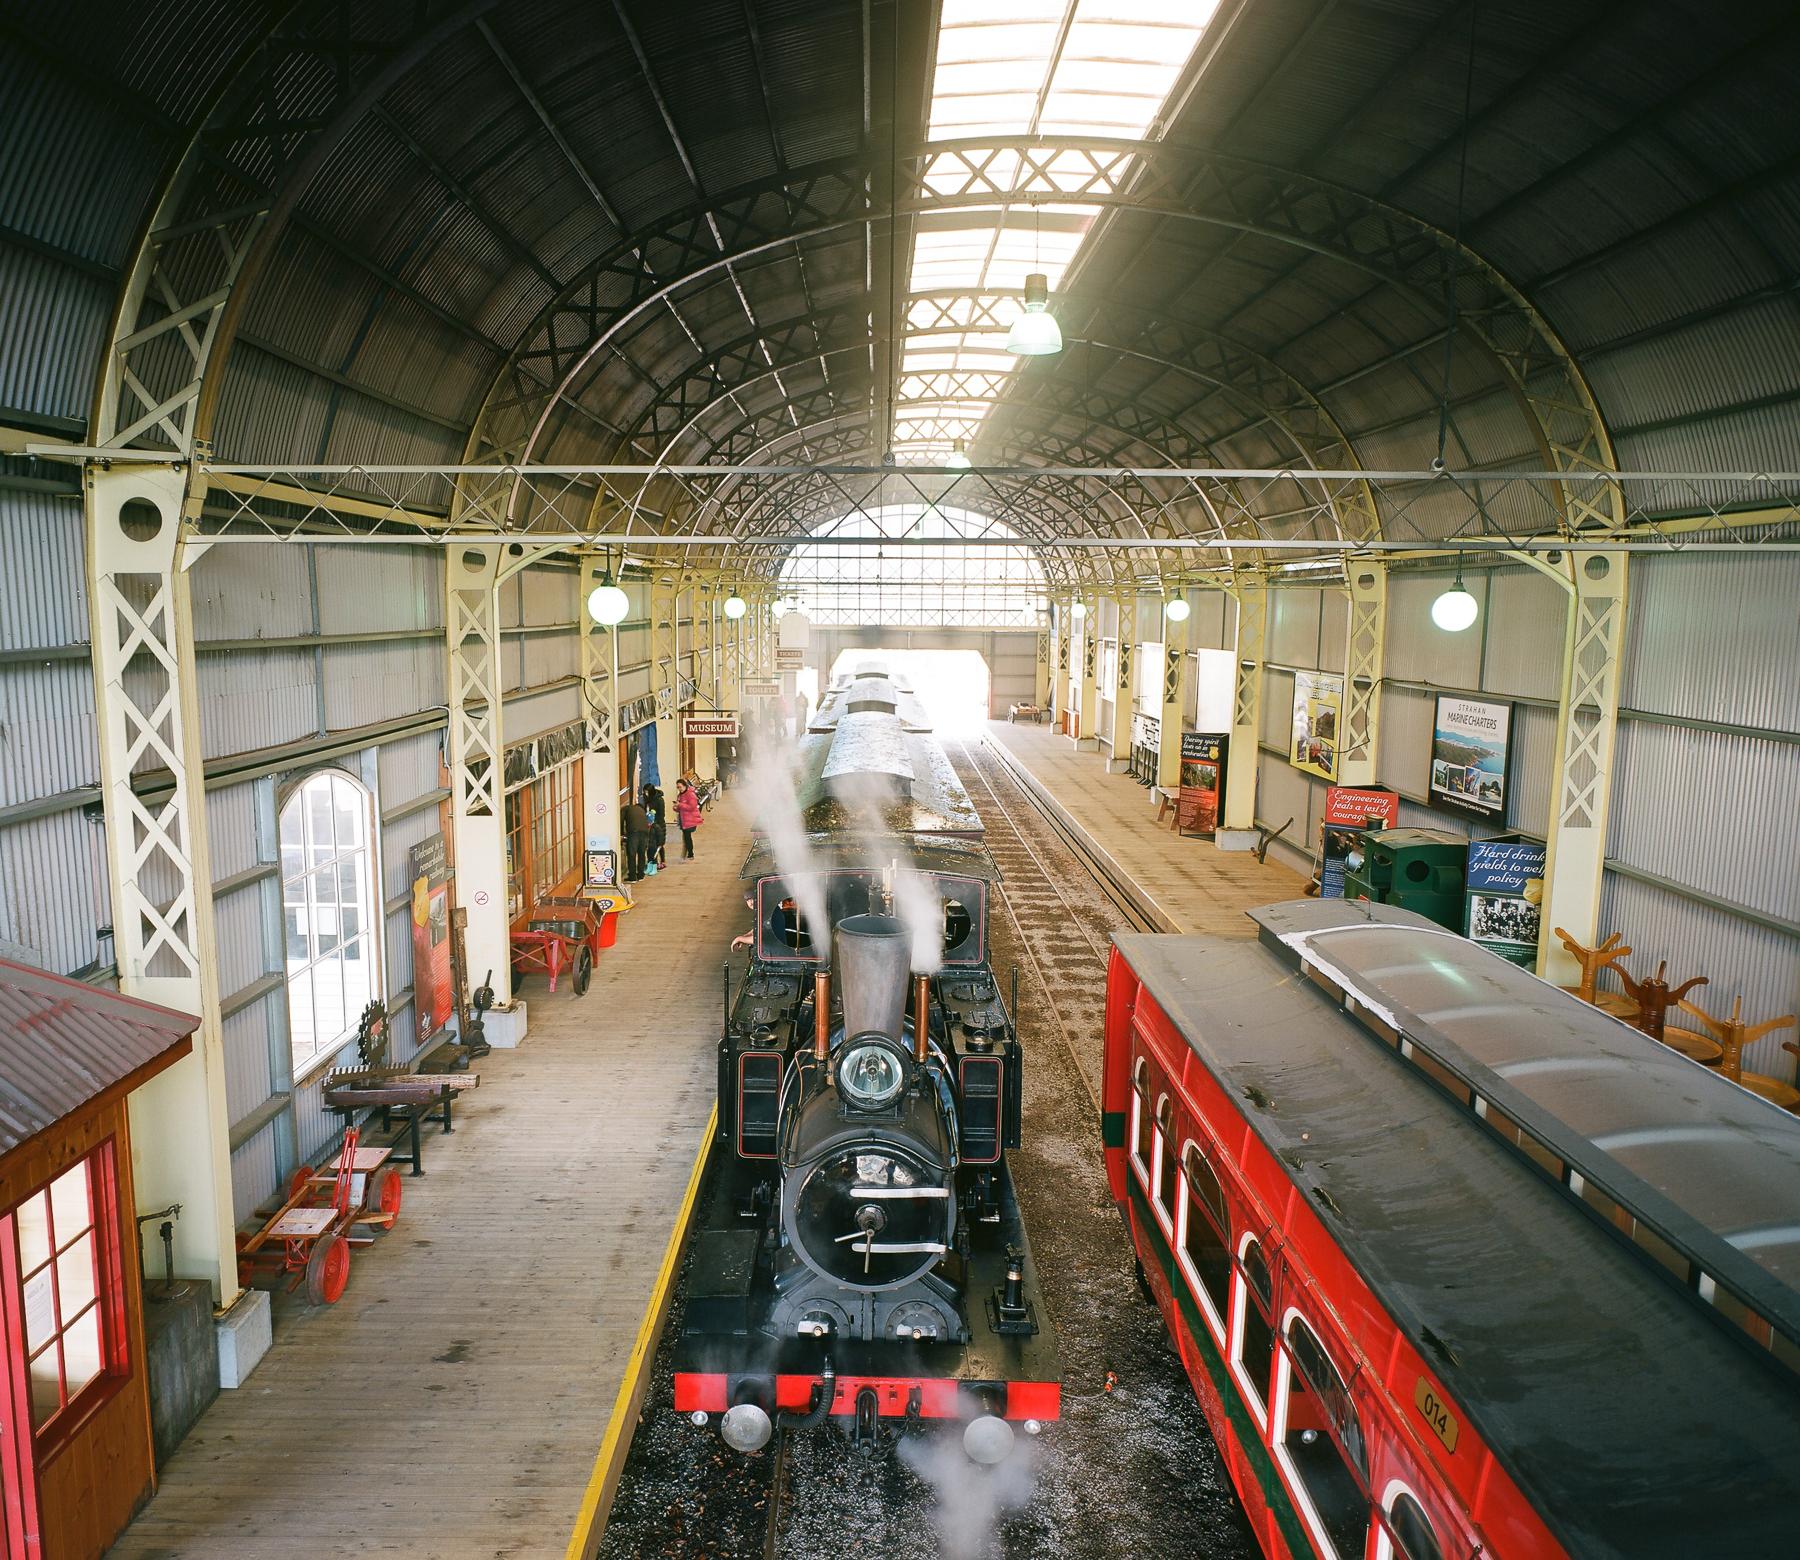 The Station   Mamiya7 43mm   Ektar 100   Jane McLoughlin